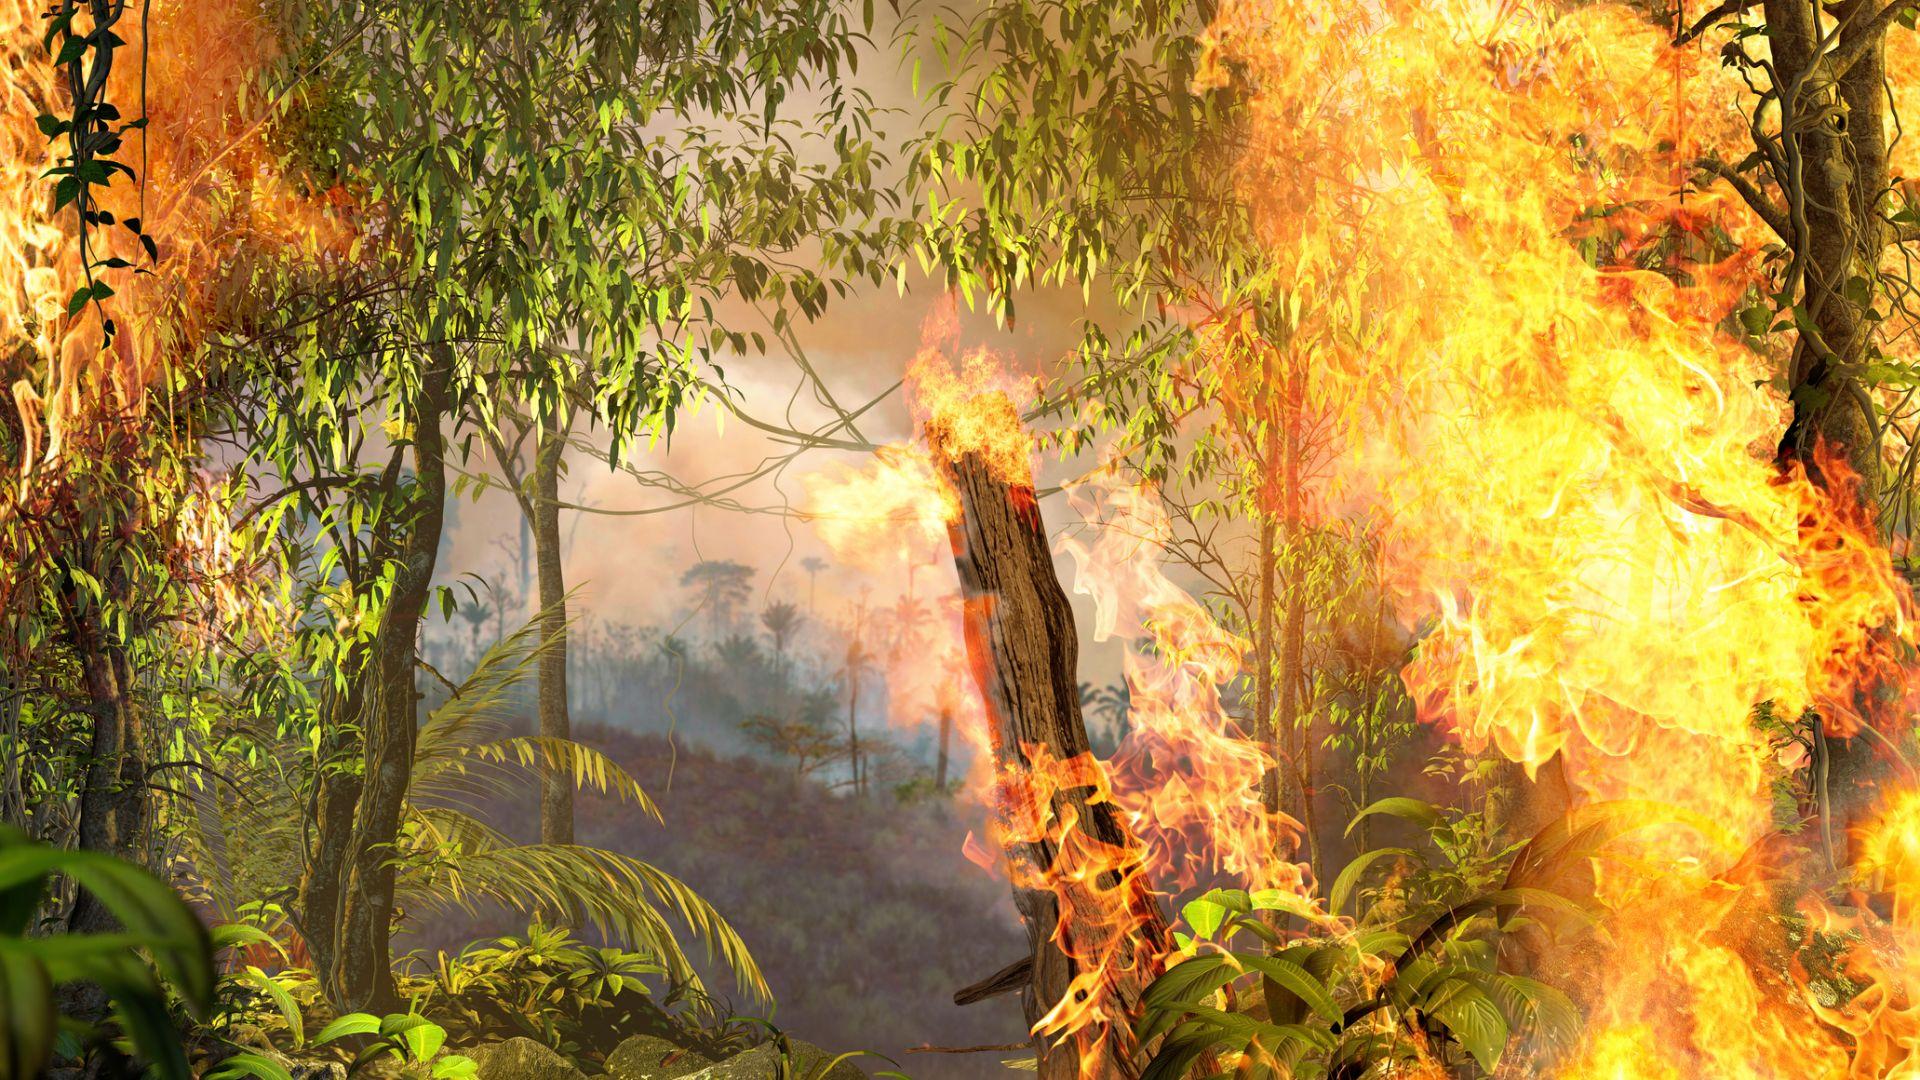 Отново повишен риск от горски пожари в САЩ